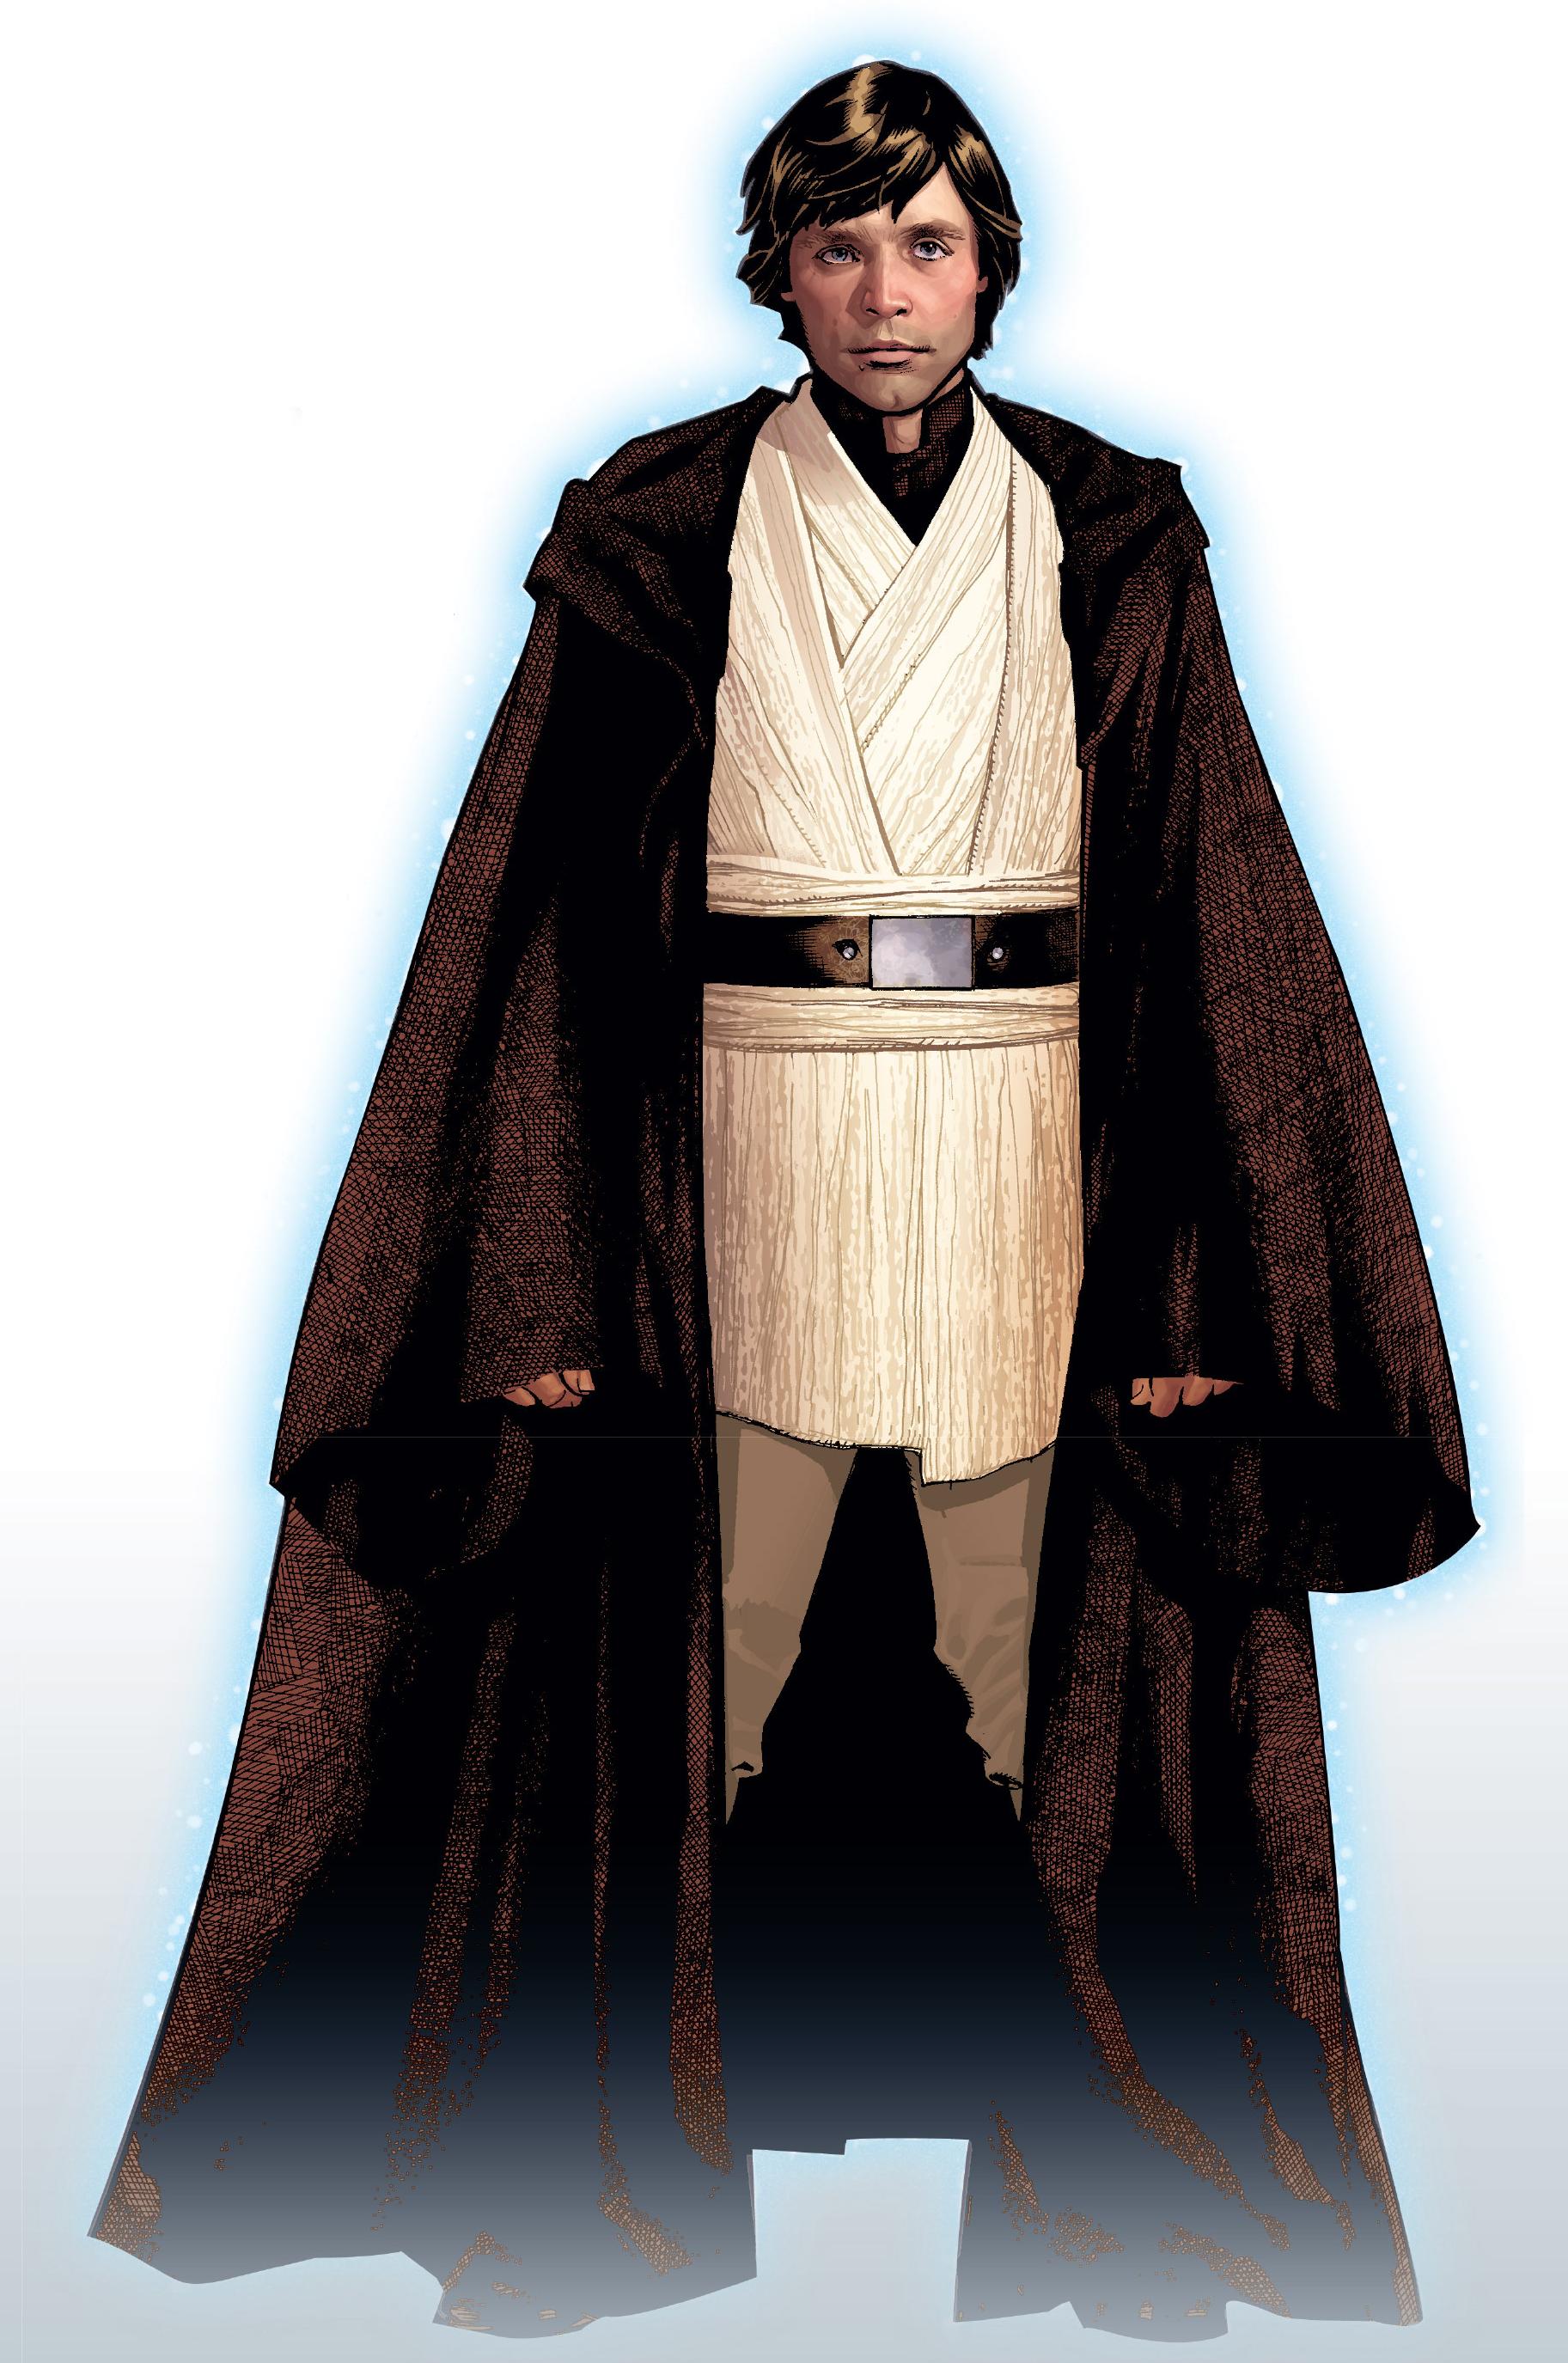 Luke Skywalkeru0027s Force Ghost, As He Appeared To Cade Skywalker.